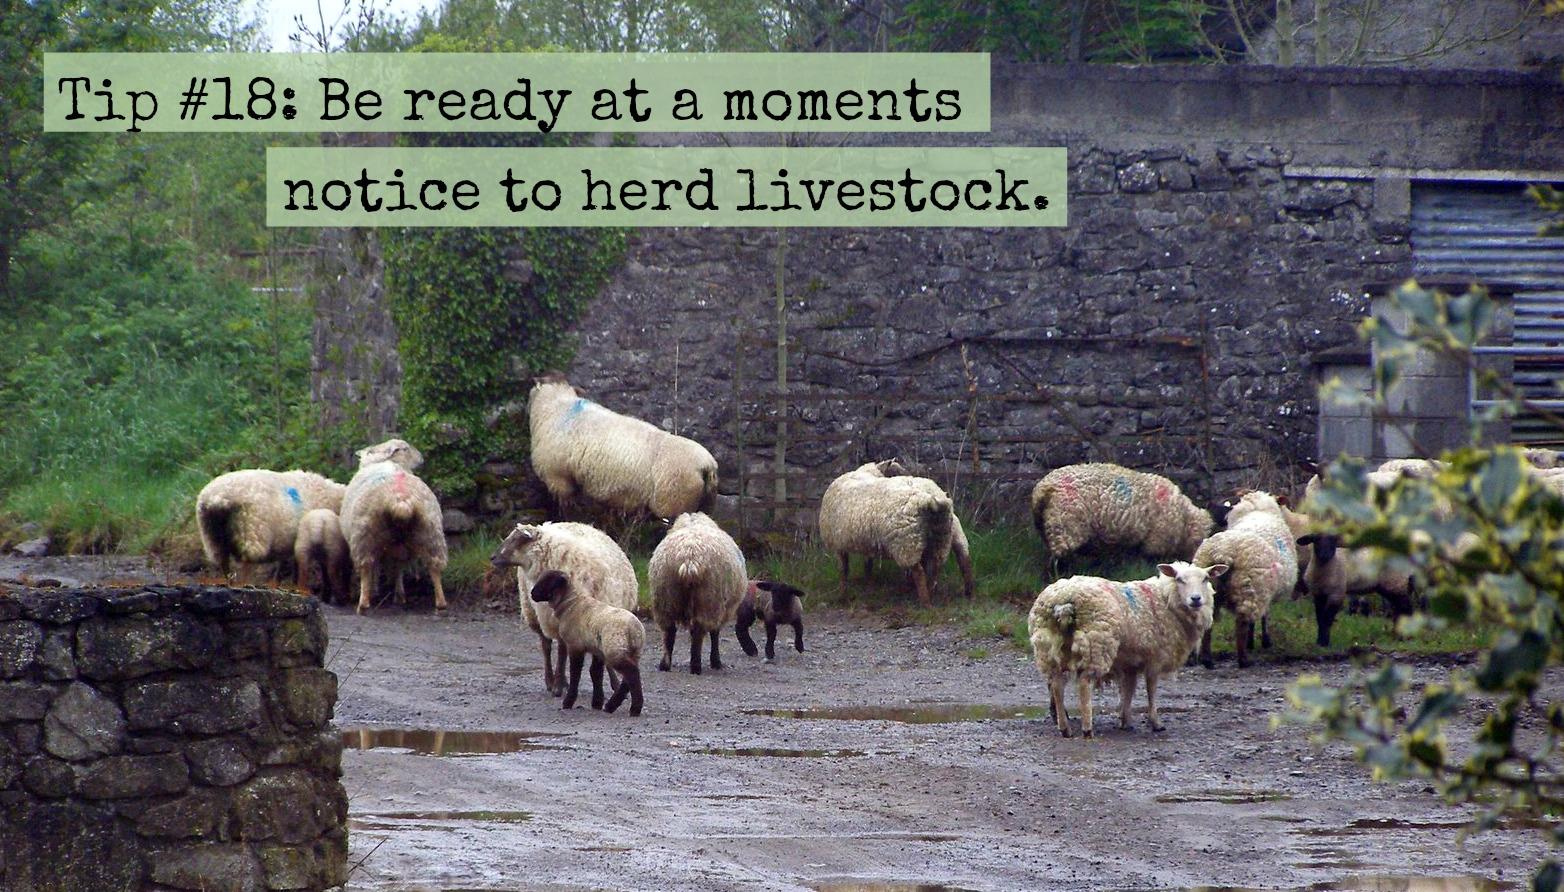 tip-18-sheep1.jpg